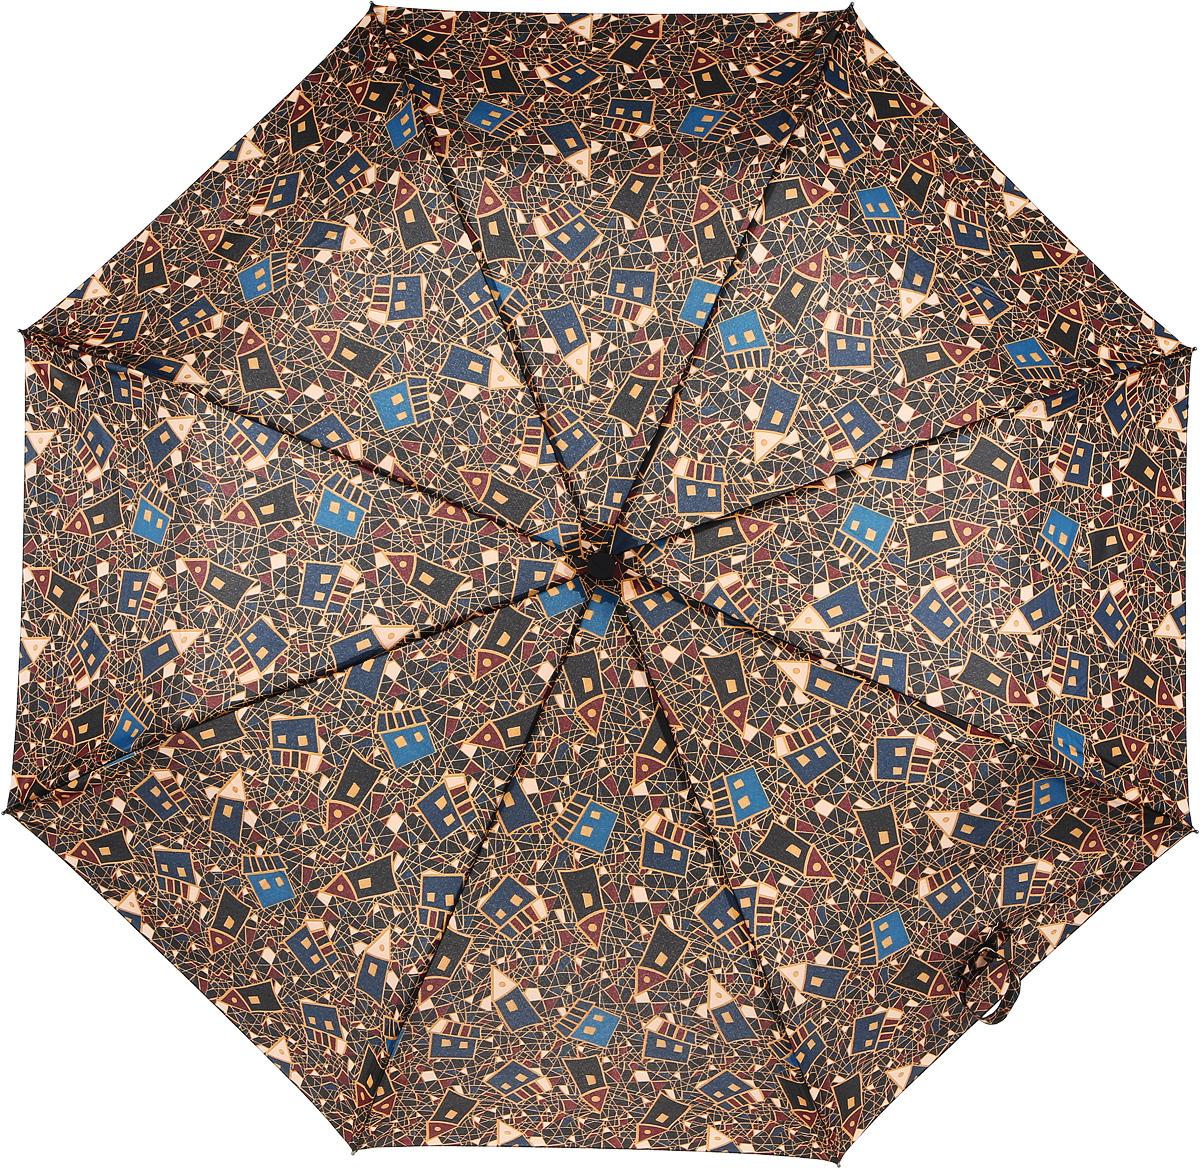 Зонт женский Airton, механический, 3 сложения, цвет: коричневый, голубой. 3515-1453515-145Классический женский зонт Airton в 3 сложения имеет механическую систему открытия и закрытия. Каркас зонта выполнен из восьми спиц на прочном стержне. Купол зонта изготовлен из прочного полиэстера. Практичная рукоятка закругленной формы разработана с учетом требований эргономики и выполнена из качественного пластика с противоскользящей обработкой. Такой зонт оснащен системой антиветер, которая позволяет спицам при порывах ветрах выгибаться наизнанку, и при этом не ломаться. К зонту прилагается чехол.